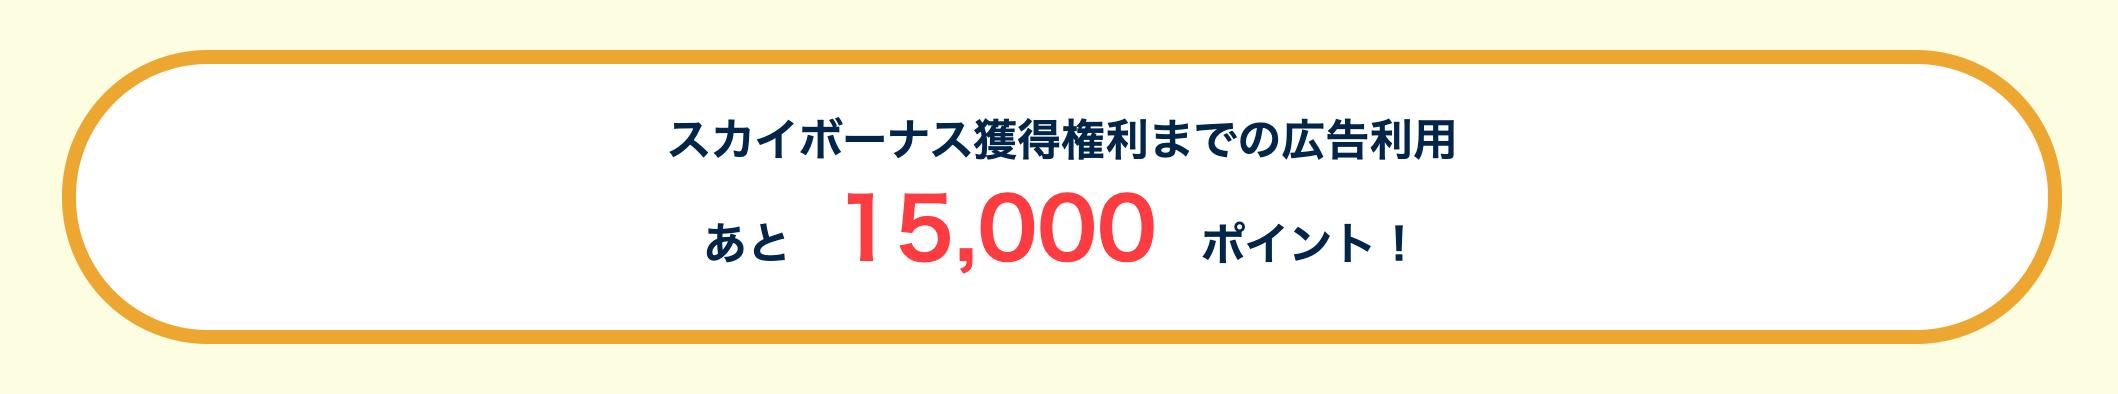 JALマイルのキャンペーン達成までのポイント数